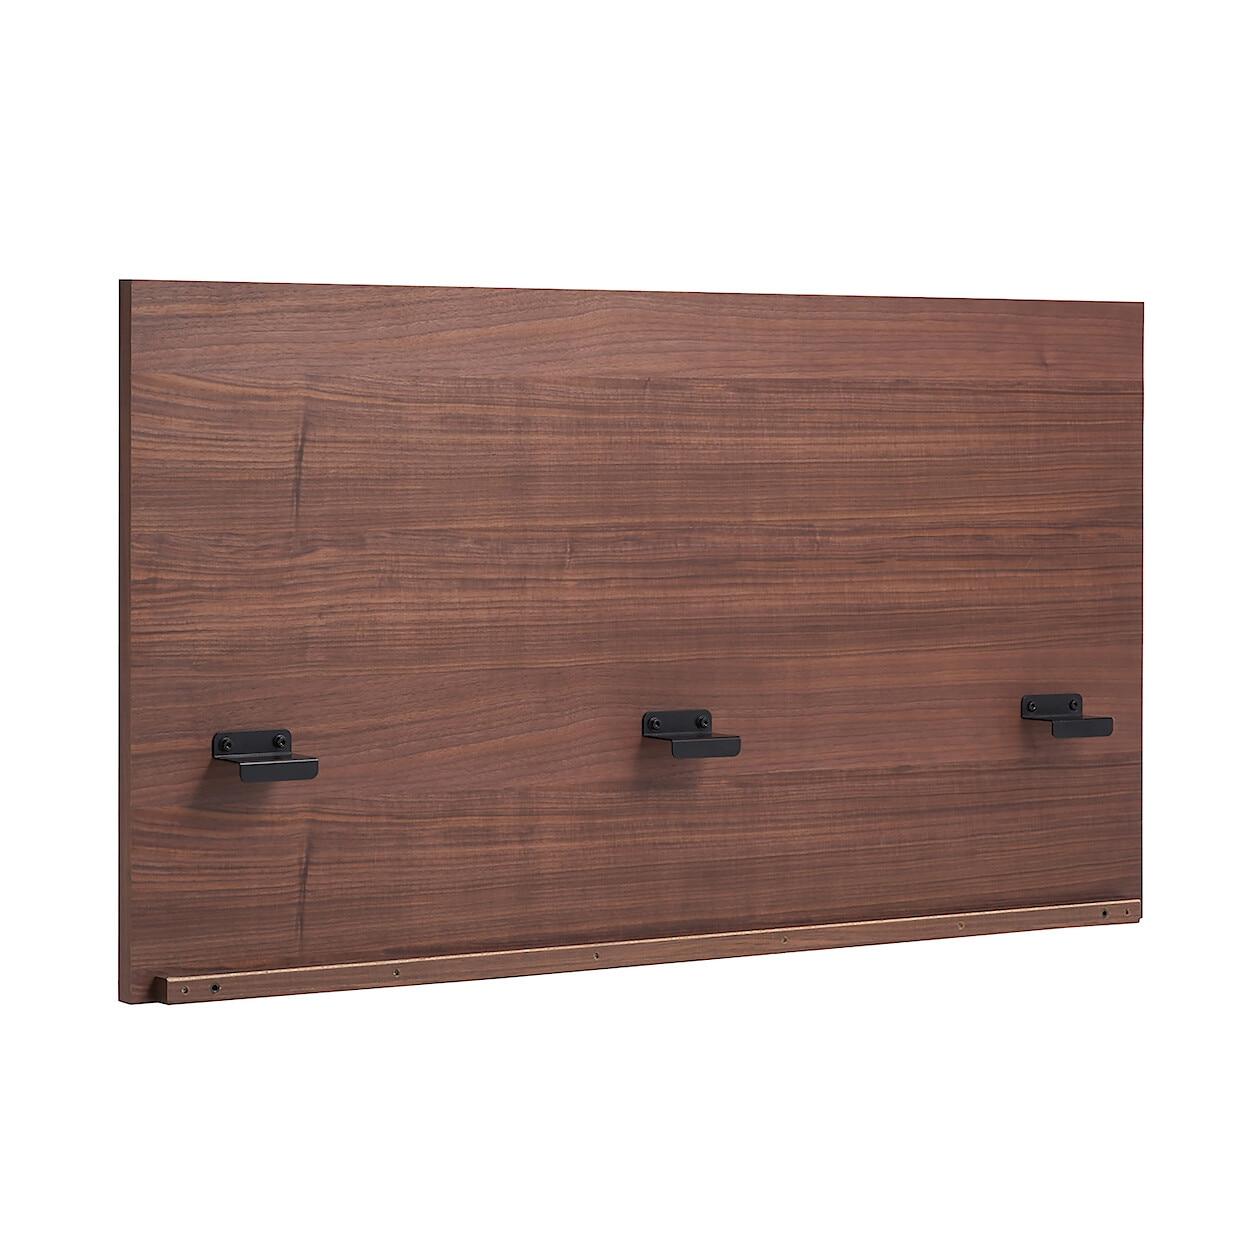 収納ベッド用ヘッドボード・ダブル・ウォールナット材